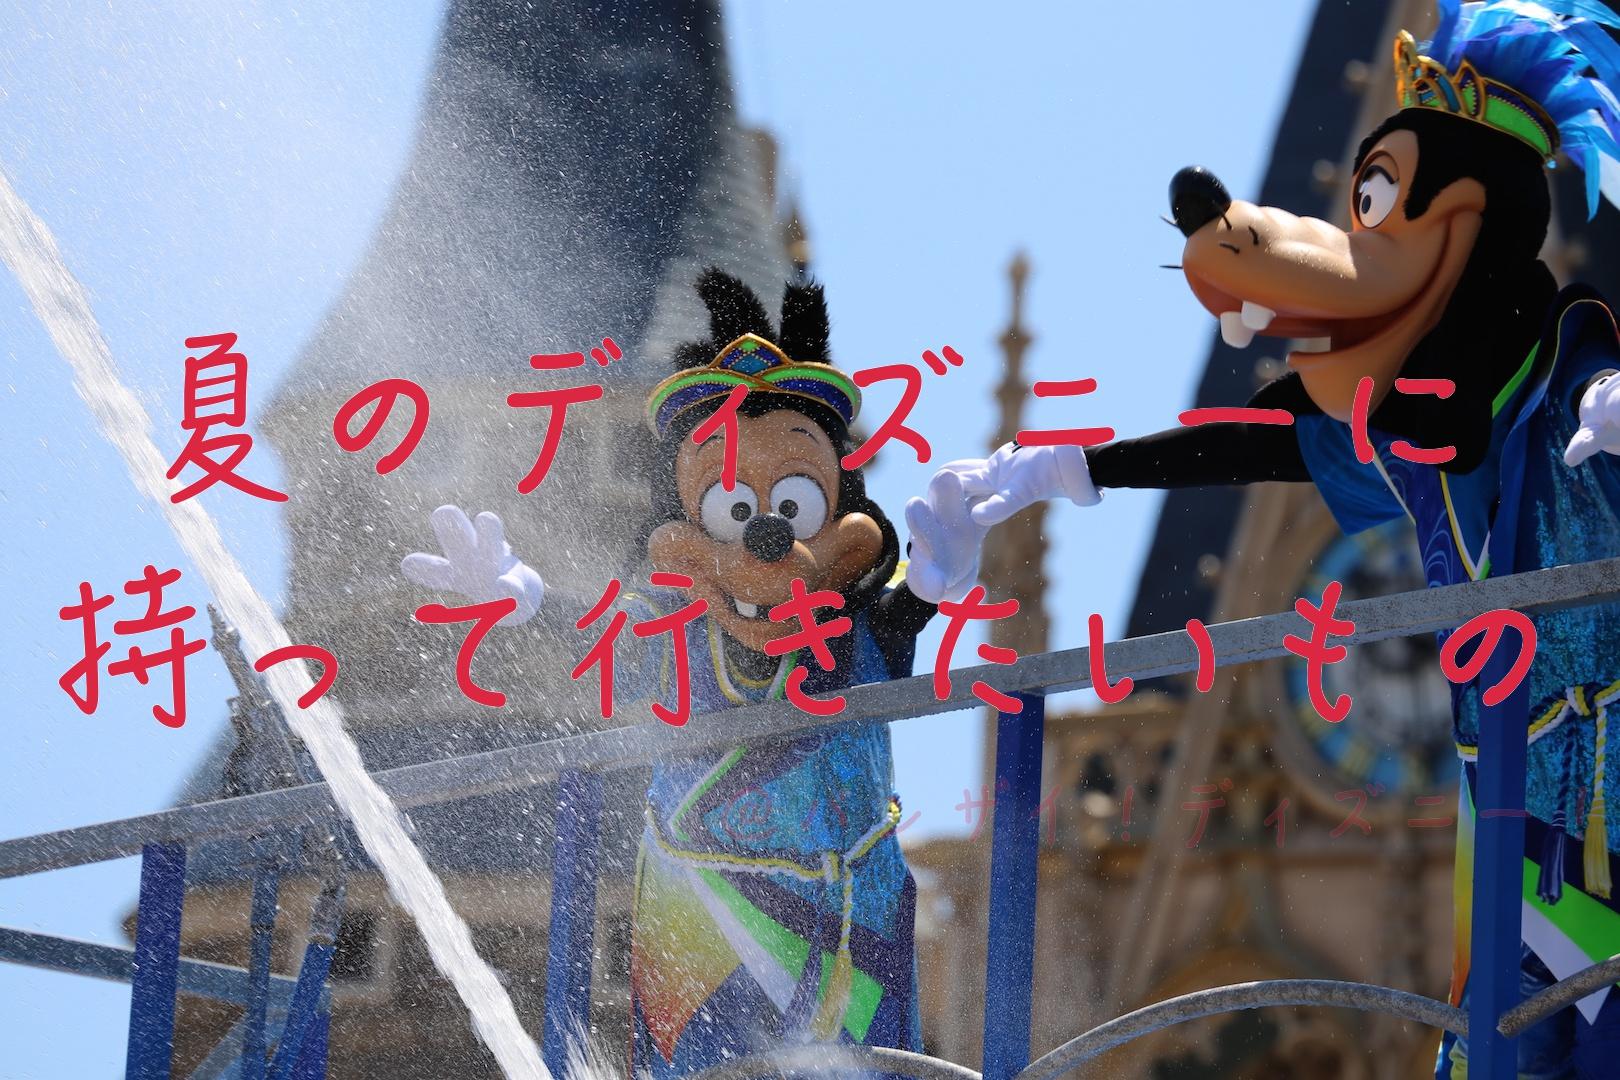 ディズニーでの熱中症対策にオススメなグッズはコレ!